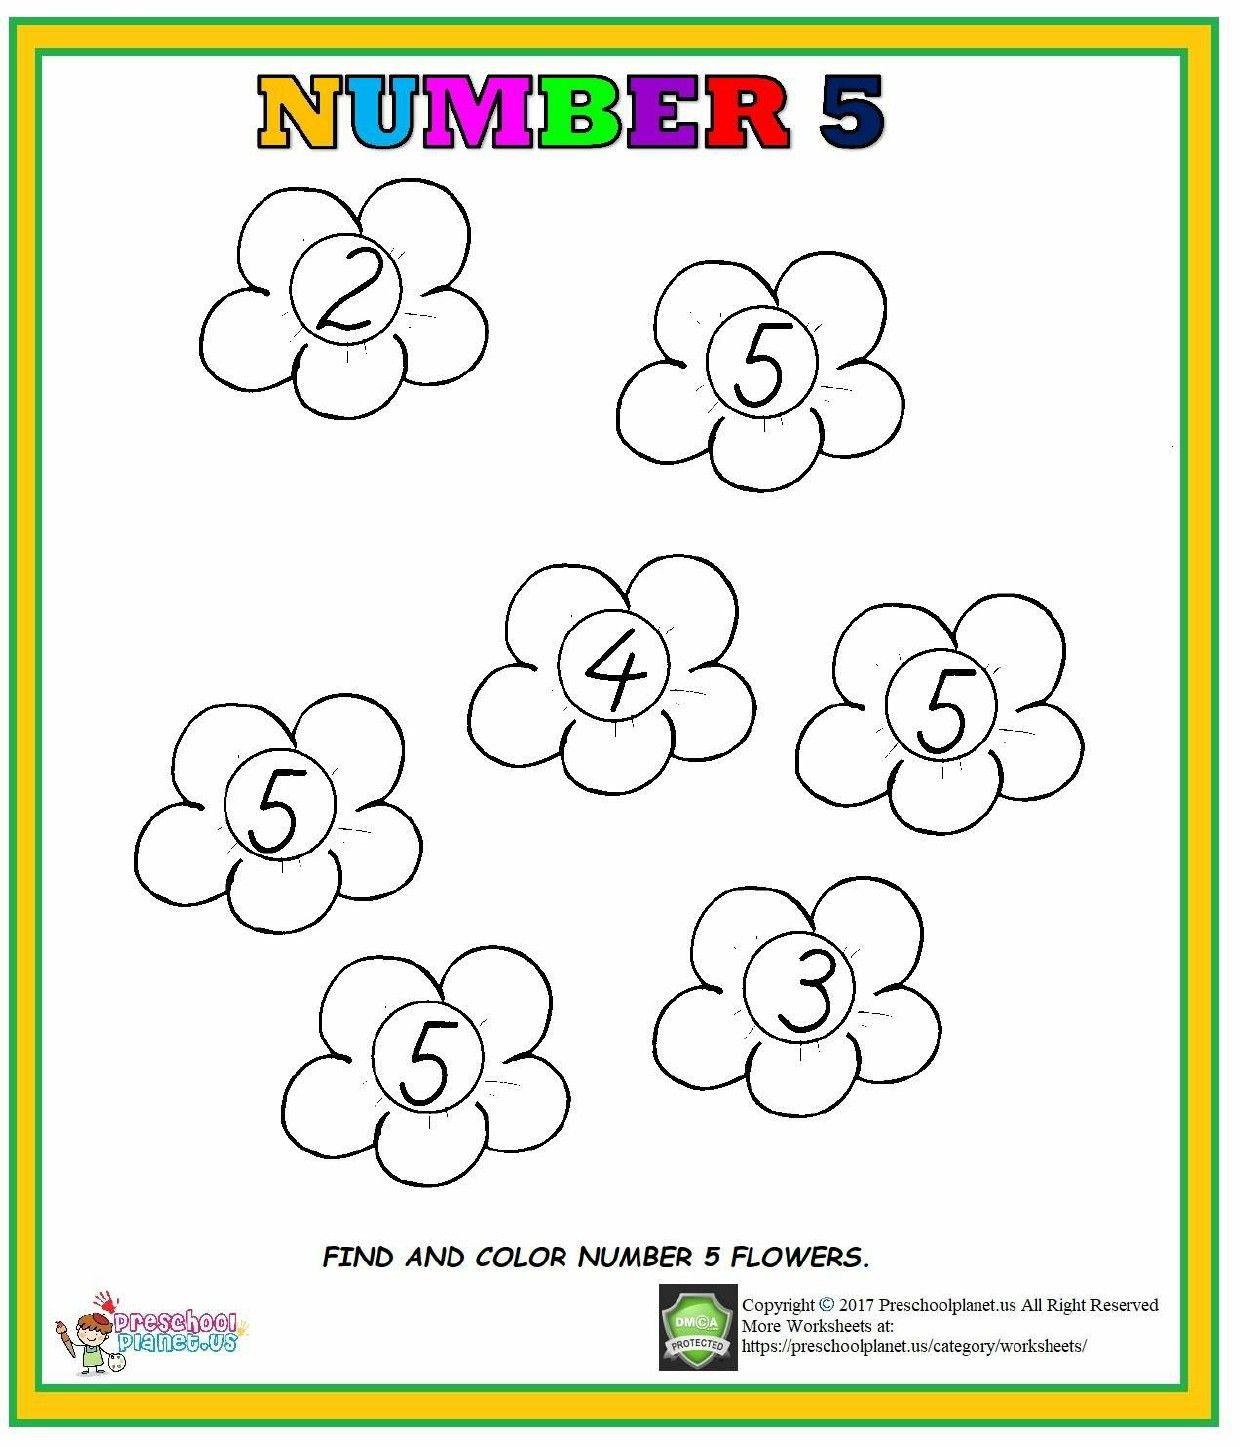 Number 5 Worksheet For Preschool Kindergarten Goruntuler